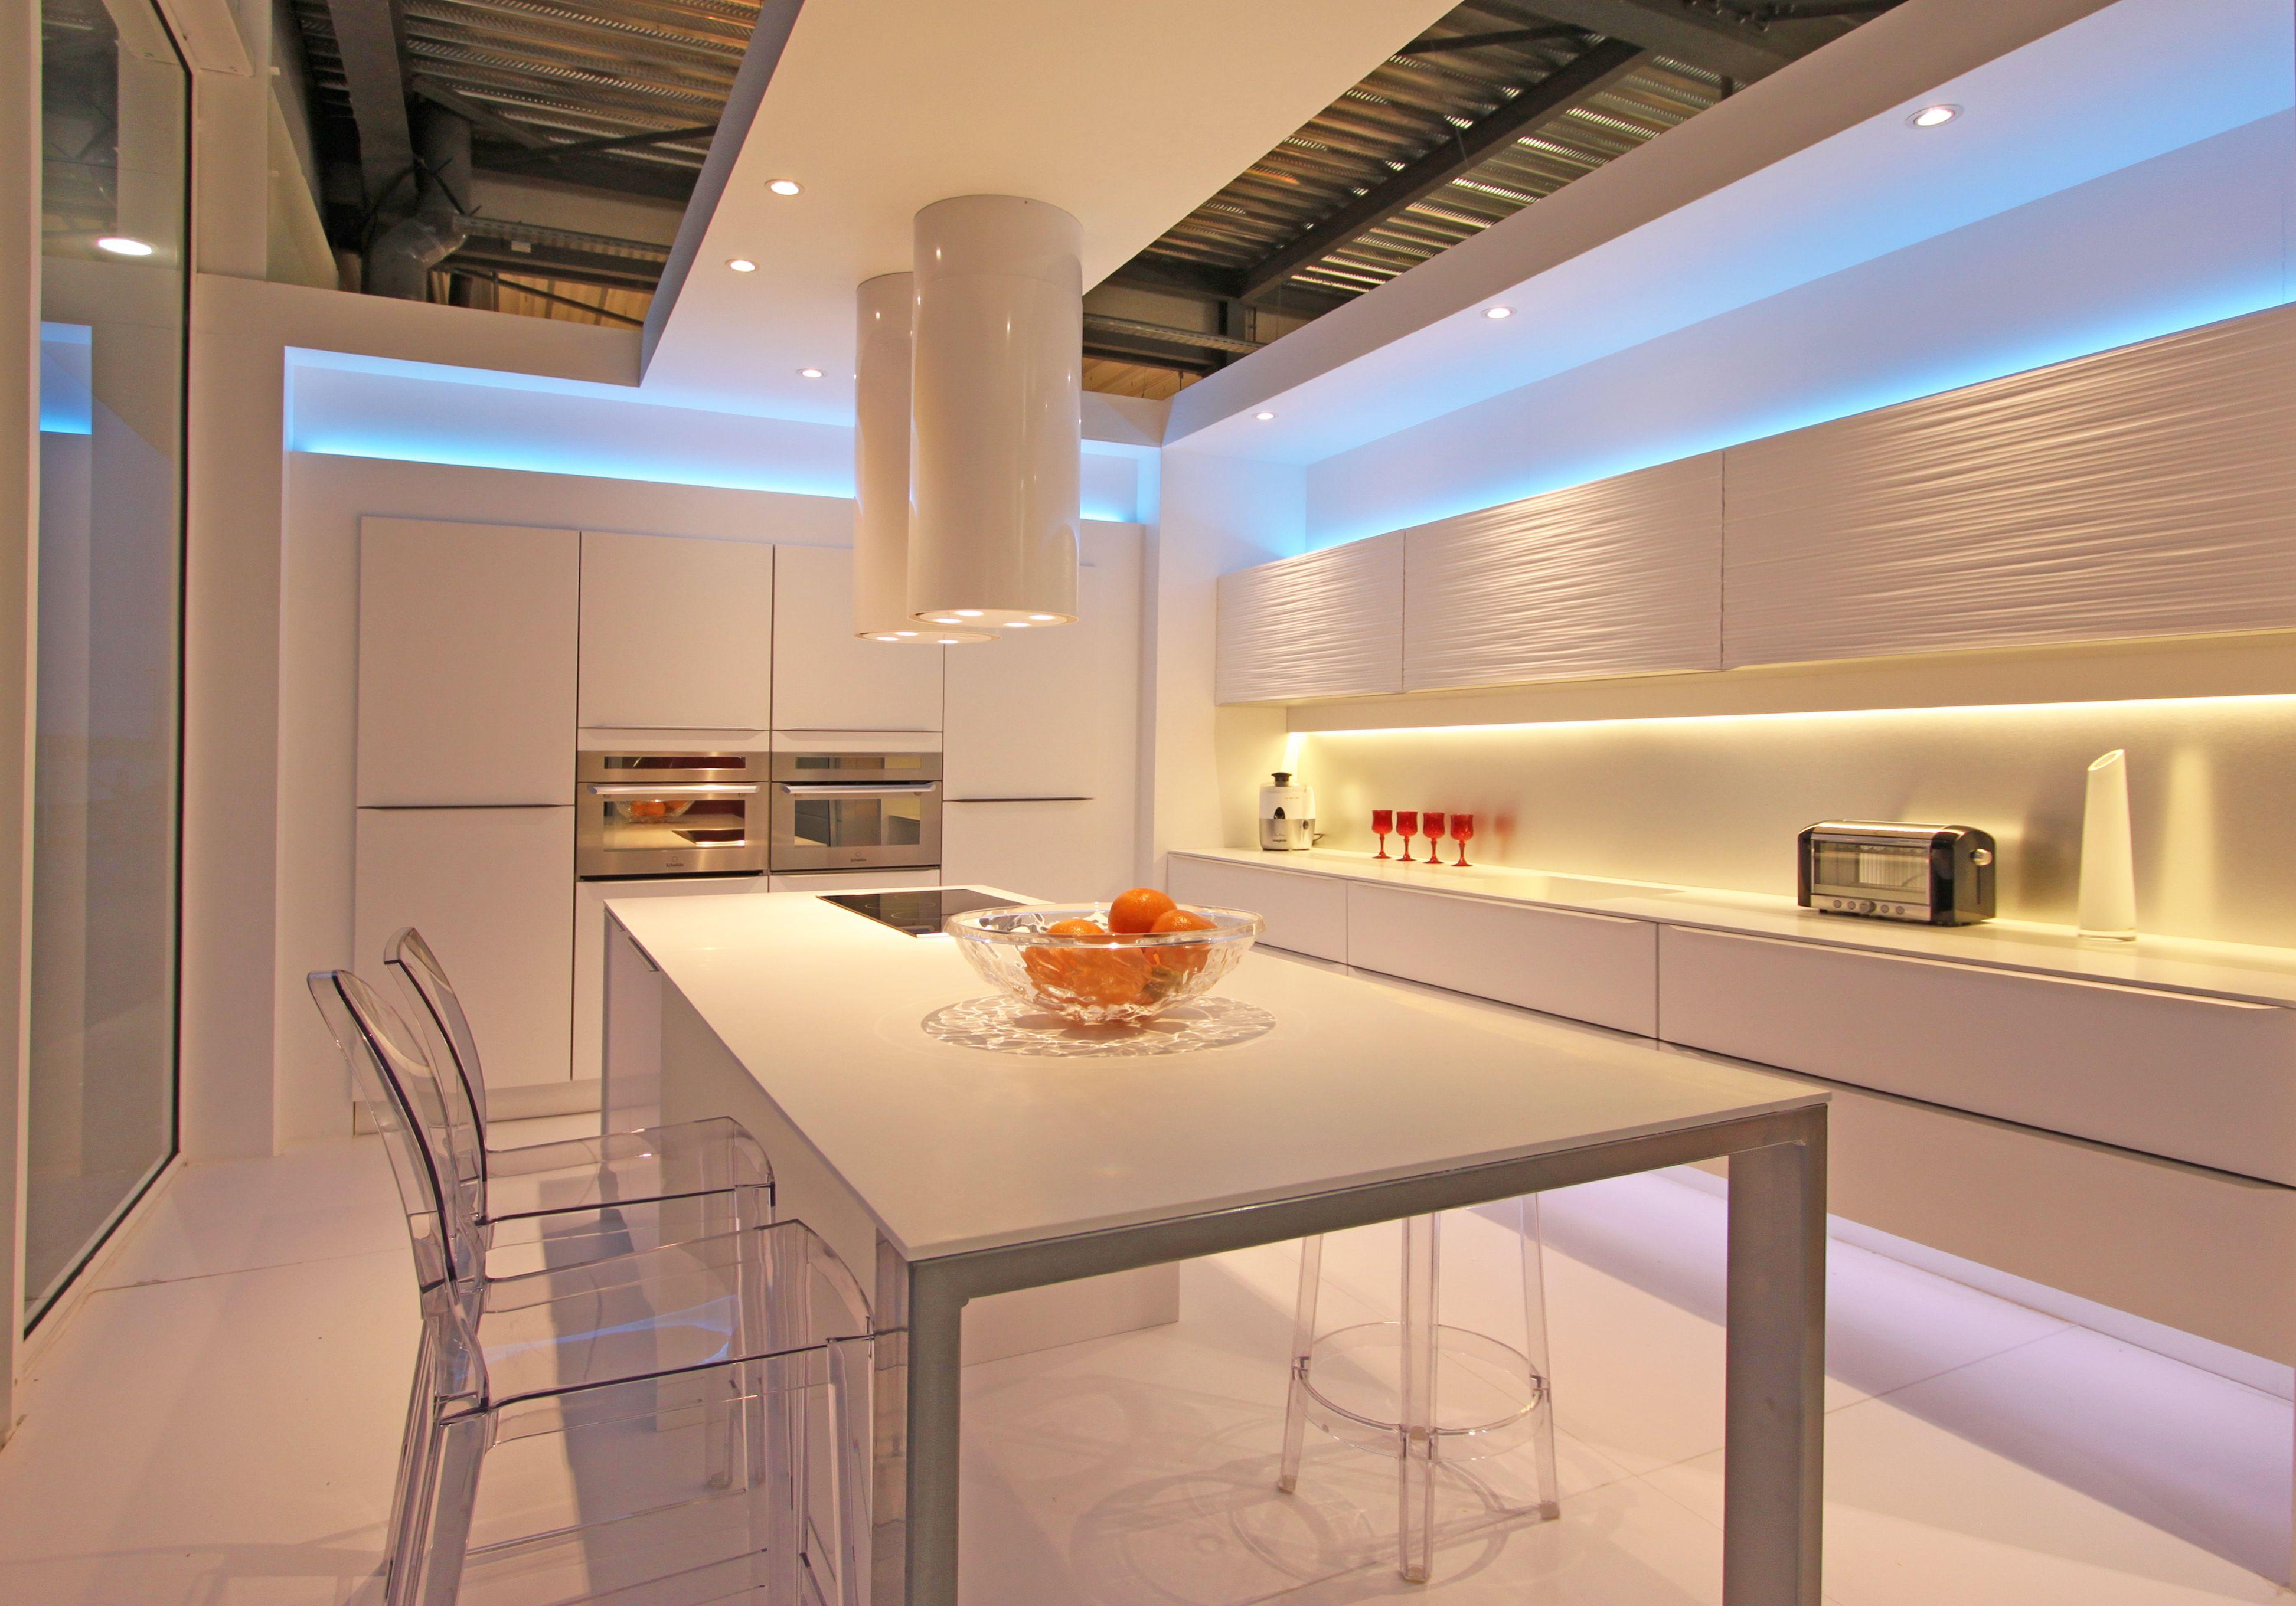 Cuisine design blanche loft led bleu fabrimeuble reims fabriqu en france dans la champagne - Fabricant de cuisine en france ...